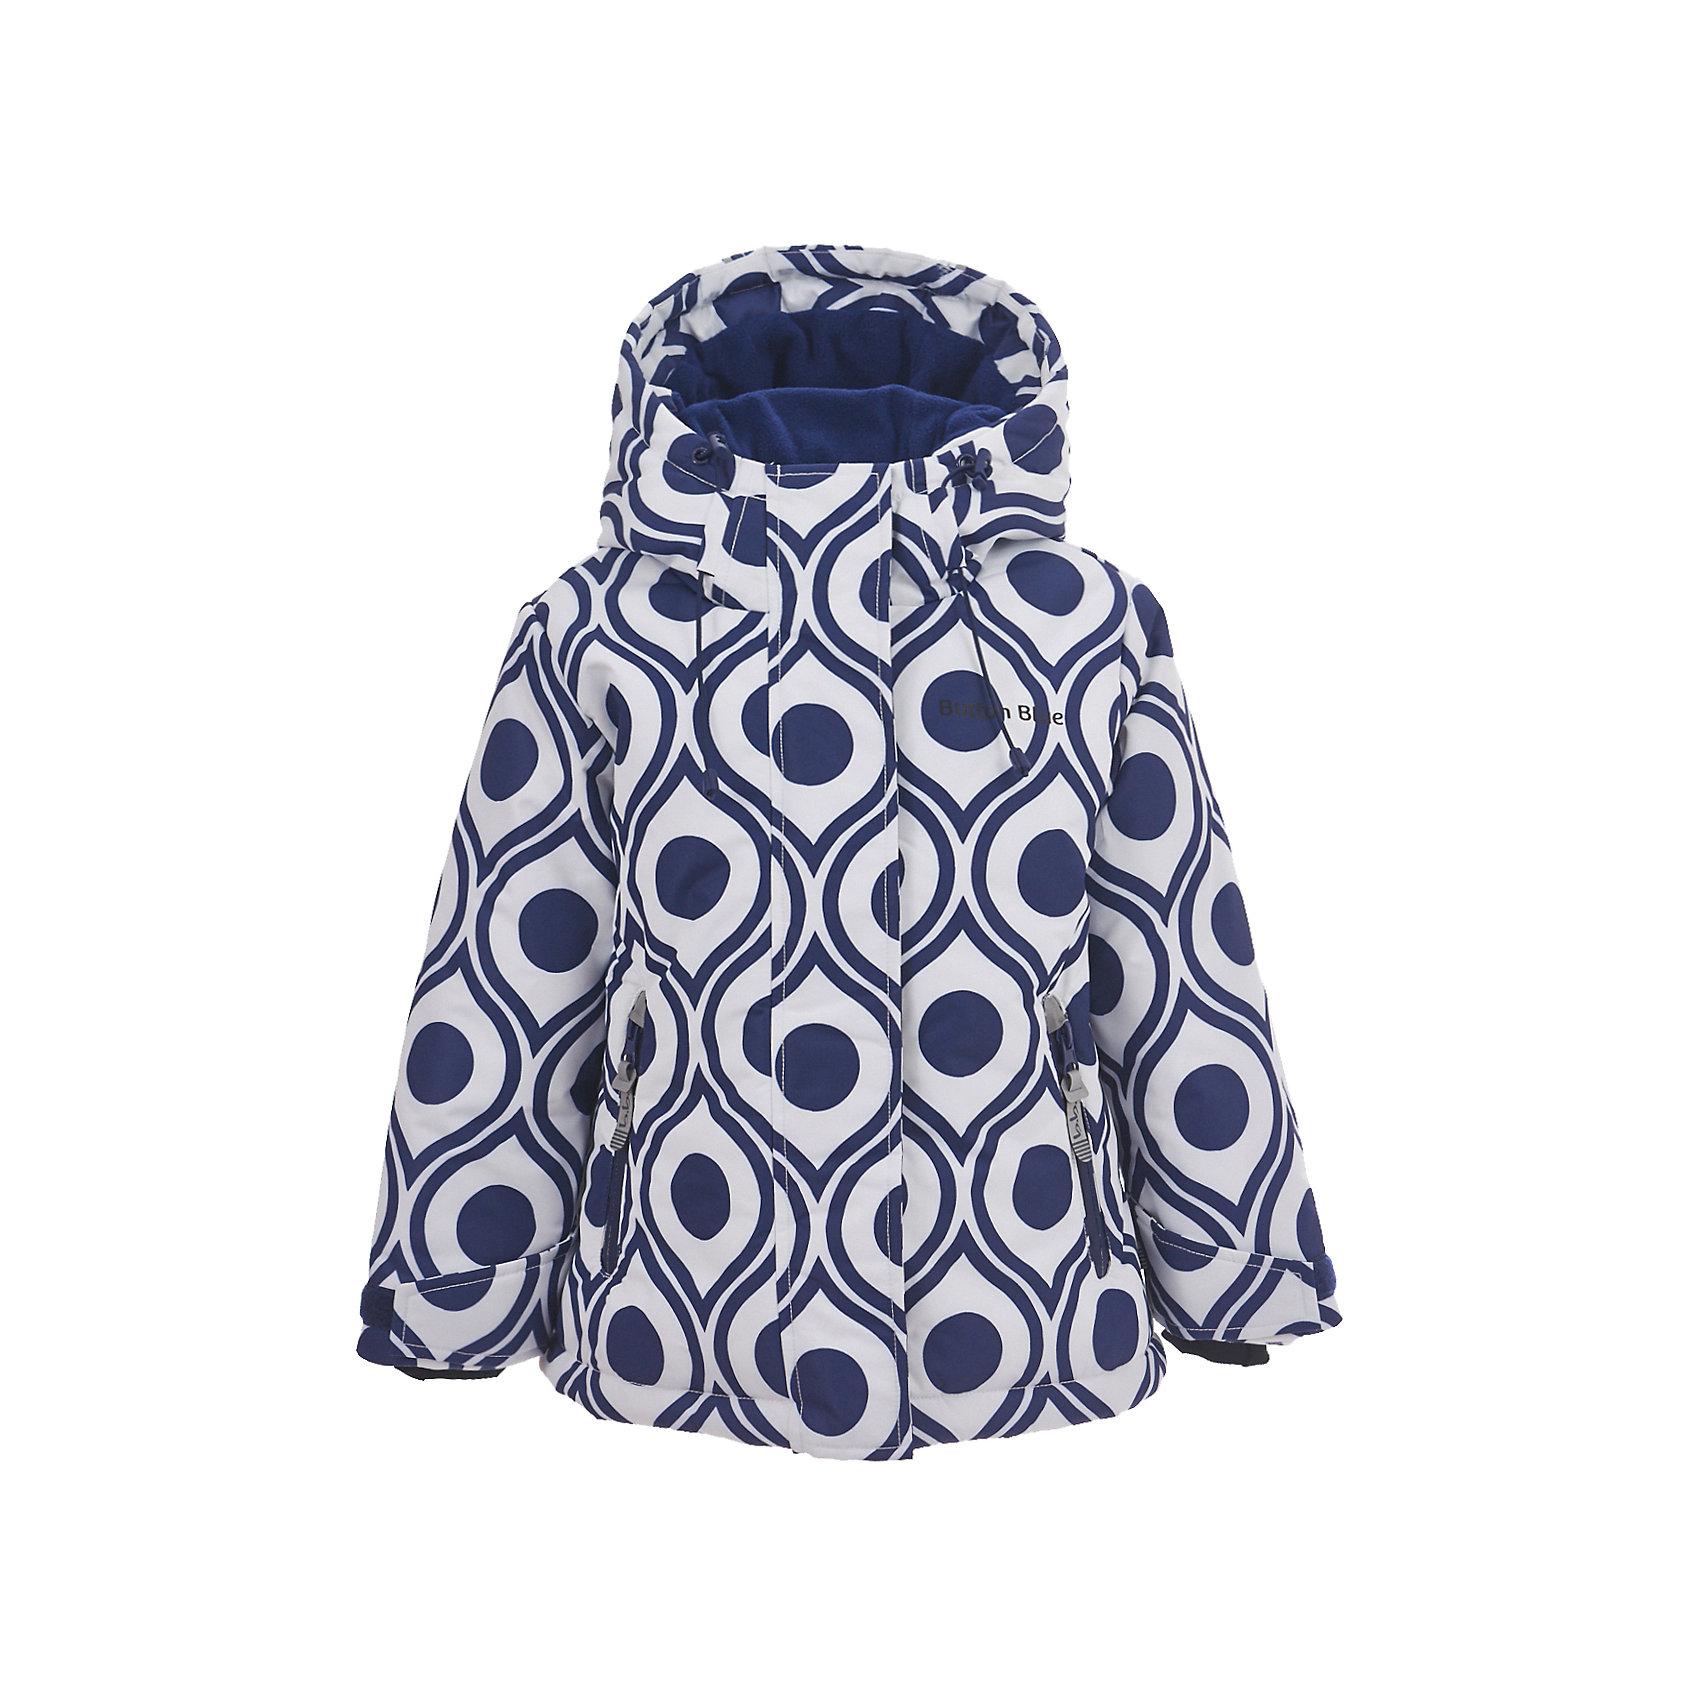 Куртка Button Blue для девочкиВерхняя одежда<br>Характеристики товара:<br><br>• цвет: синий/белый;<br>• состав: 100% полиэстер;<br>• подкладка: 100% полиэстер, флис;<br>• утеплитель: 100% полиэстер;<br>• сезон: зима;<br>• температурный режим: от 0 до -20С;<br>• застежка: молния с защитой подбородка;<br>• дополнительная защитная планка на липучках;<br>• сплошная подкладка из флиса;<br>• эластичные регулируемые манжеты на липучке;<br>• внутренний манжет с отверстием для большого пальца;<br>• водоотталкивающая ткань;<br>• внутренняя утяжка по низу изделия;<br>• карманы на молнии;<br>• страна бренда: Россия;<br>• страна изготовитель: Китай.<br><br>Яркая куртка из мембранной плащевки понравится всем любителям активных прогулок! Куртка сделана с соблюдением основных технологических особенностей производства спортивной одежды. Она не промокает, сохраняет тепло, трикотажная подкладка из мягкого флиса создает комфорт при длительной носке, утяжки защищают от продувания, светоотражающие элементы обеспечивают безопасность ребенка. Водоотталкивающая ткань с оригинальным рисунком делает куртку запоминающейся.<br><br>Куртку Button Blue (Баттон Блю) можно купить в нашем интернет-магазине.<br><br>Ширина мм: 356<br>Глубина мм: 10<br>Высота мм: 245<br>Вес г: 519<br>Цвет: белый<br>Возраст от месяцев: 144<br>Возраст до месяцев: 156<br>Пол: Женский<br>Возраст: Детский<br>Размер: 158,98,104,110,116,122,128,134,140,146,152<br>SKU: 7039502